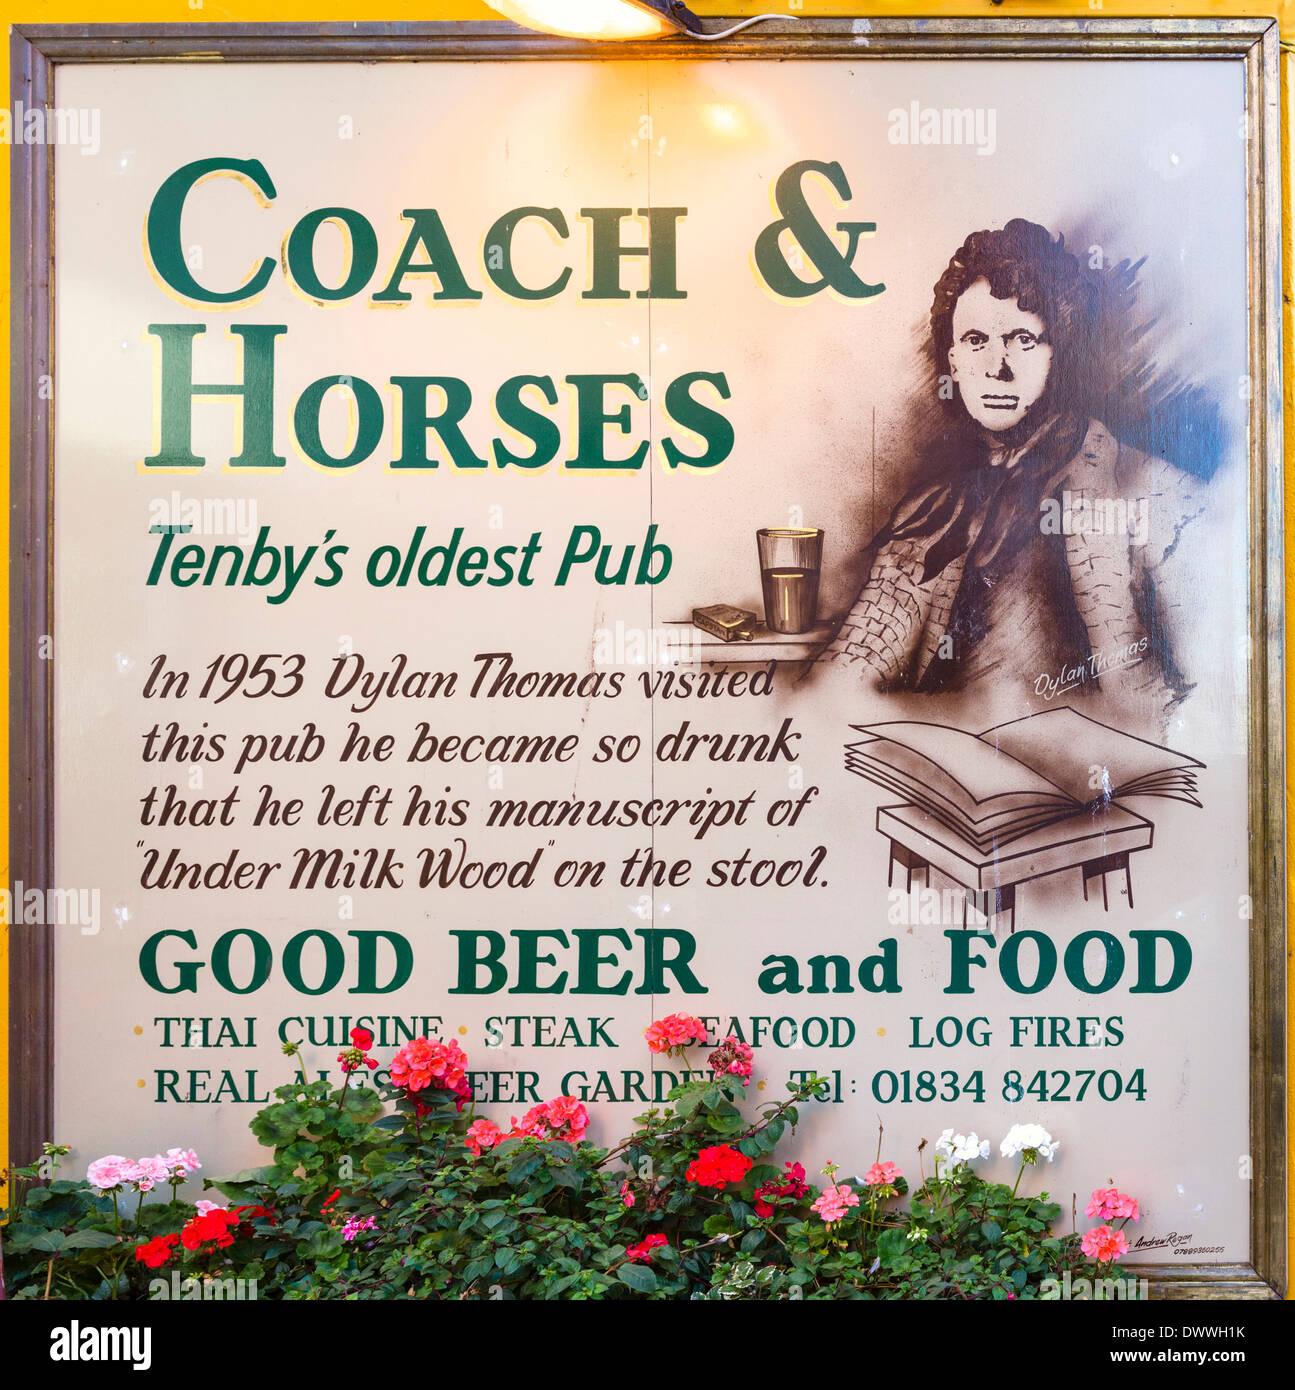 Storico in pullman e cavalli pub, dove Dylan Thomas ha fama di aver lasciato il manoscritto per sotto latte legno, Foto Stock